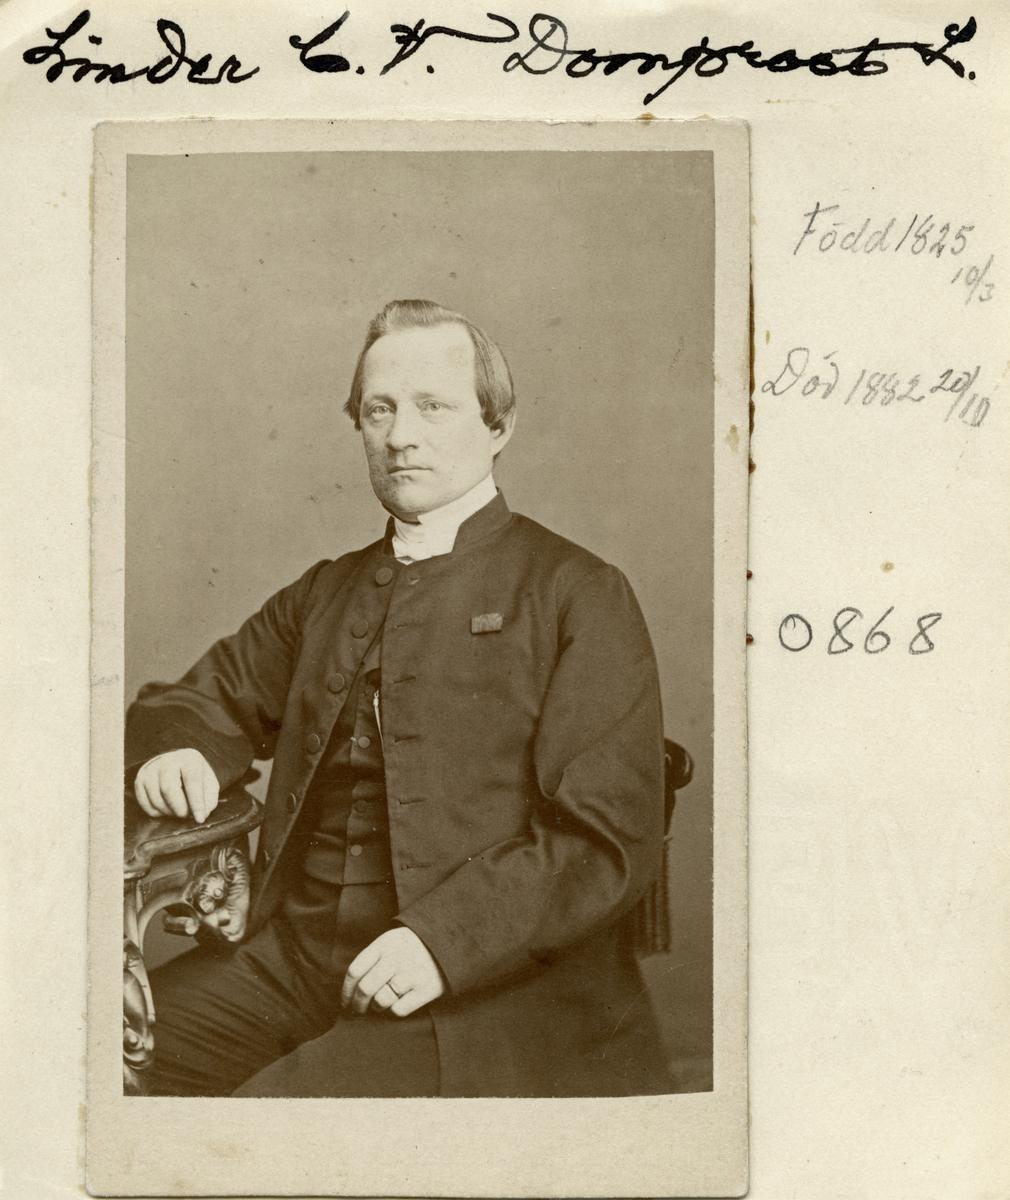 Carl Vilhelm Linder hade en imponerande karriär. Född i Vist socken 1825 som son till hemmansägaren Daniel Persson och dennes maka Stina Nilsdotter, avlade han filosofie kandidatexamen vid Uppsala universitet 1851. Därefter följde ett raskt akademiskt avancemang som kröntes med professorstitel vid Lunds universitet 1859. Prästvigd först 1866 men redan 1868 domprost i Västerås. Från 1877 samma tjänst i Linköping. Detta till trots fortsatte han som riksdagsman för Västerås med flera orter till 1881. När magkräftan ändade hans liv 1882 hade han varit gift med Ulrika Wallenberg i knappt 30 år och sett henne bära fram elva barn.